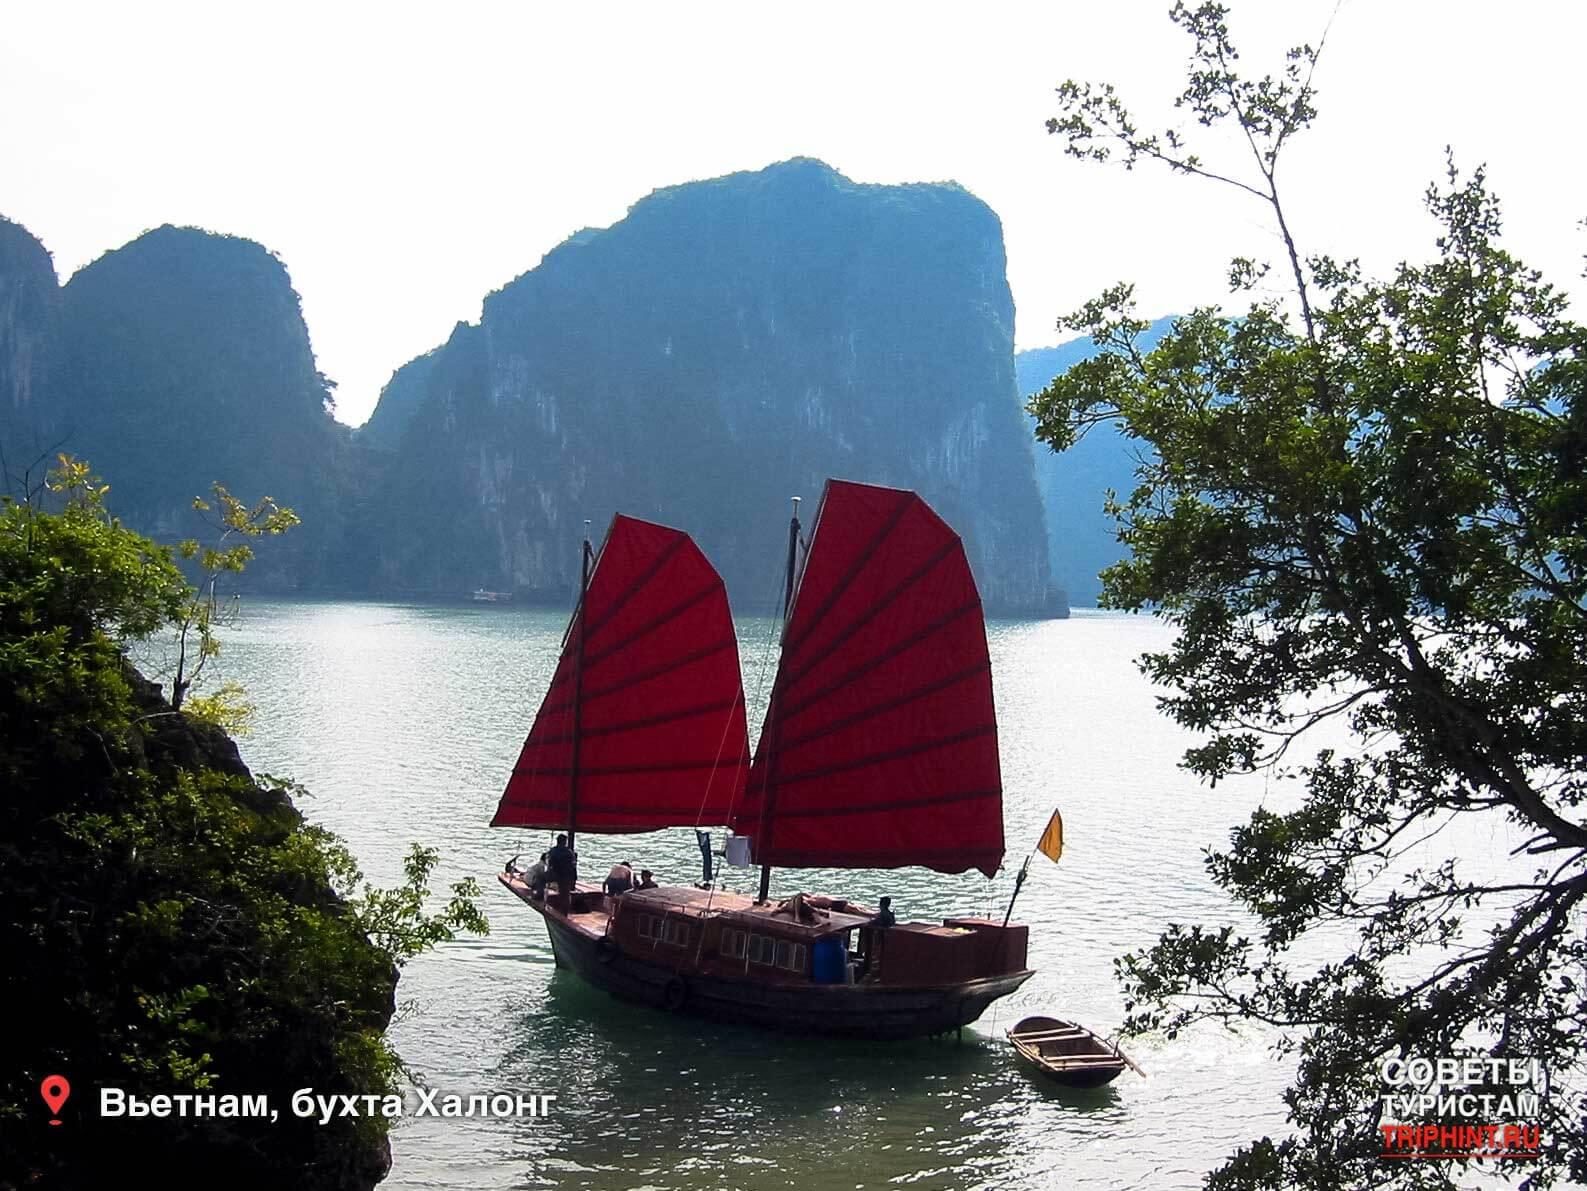 Что посетить во Вьетнаме: бухта Халонг